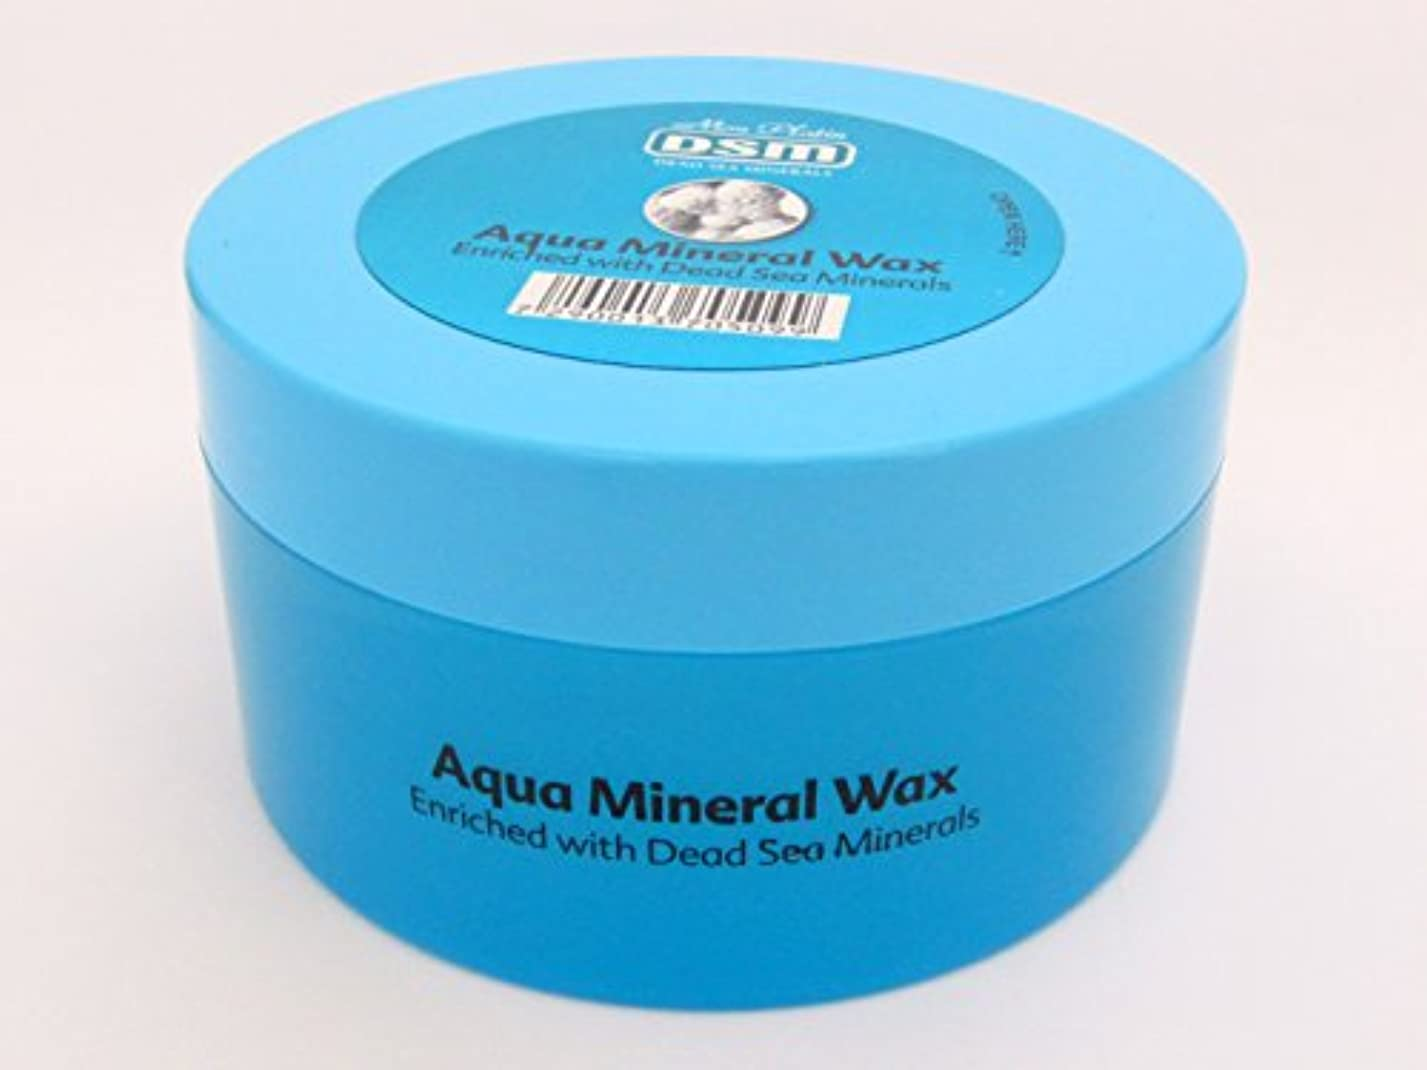 つま先改革おとうさん液状ミネラルワックス 280mL Mon Platin 死海ミネラル 整髪 全髪タイプ 天然 お手入れ 美容 イスラエル (Aqua Mineral Wax)